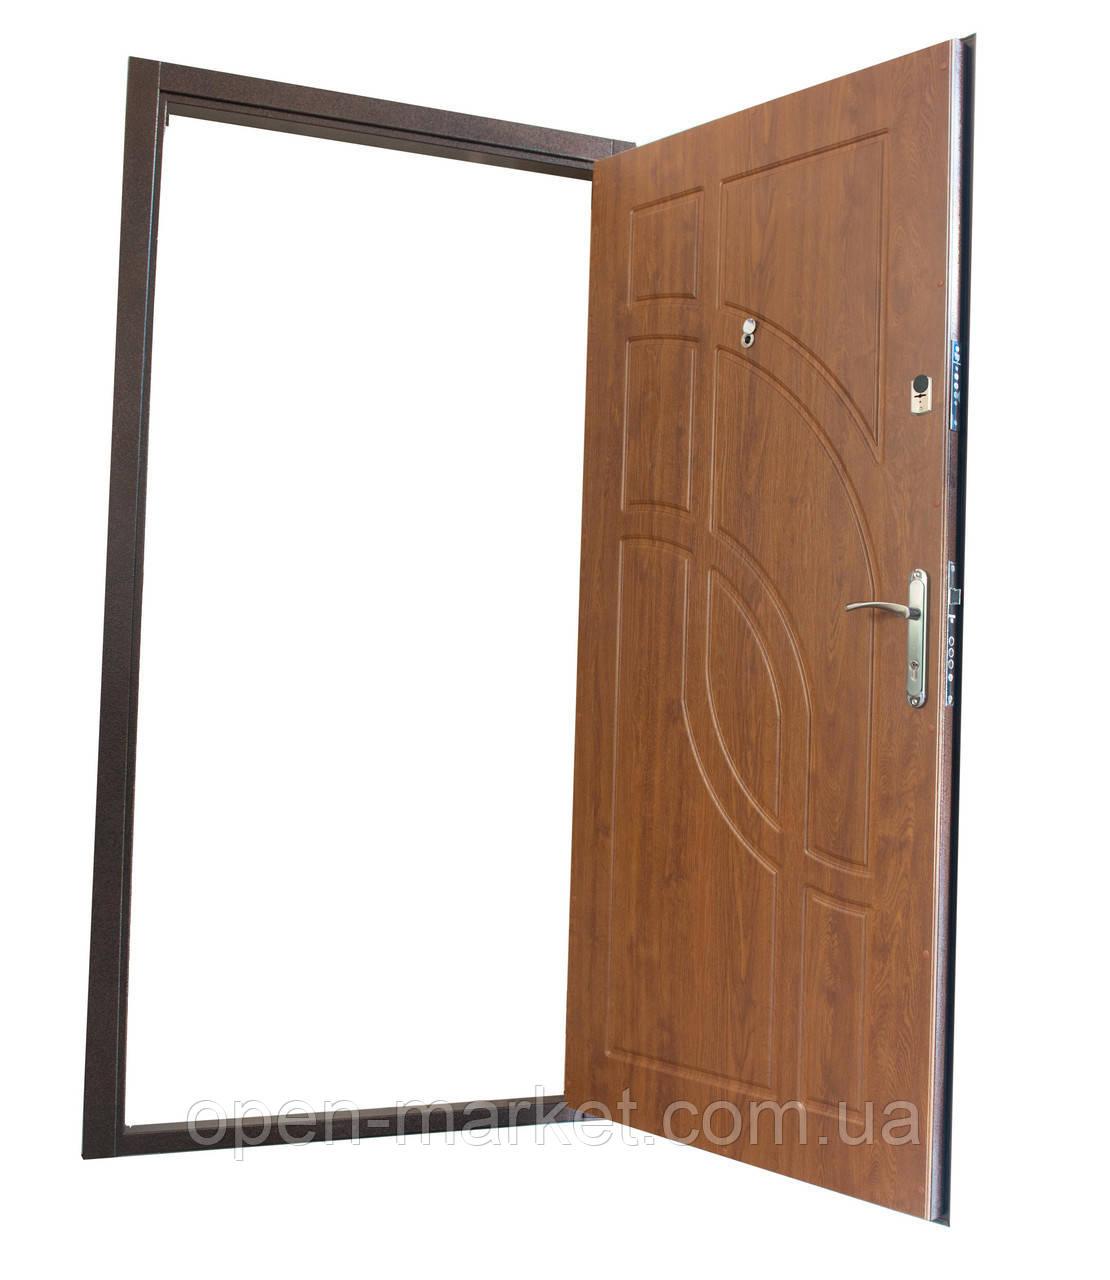 Двери уличные Воскресенское Николаевская область